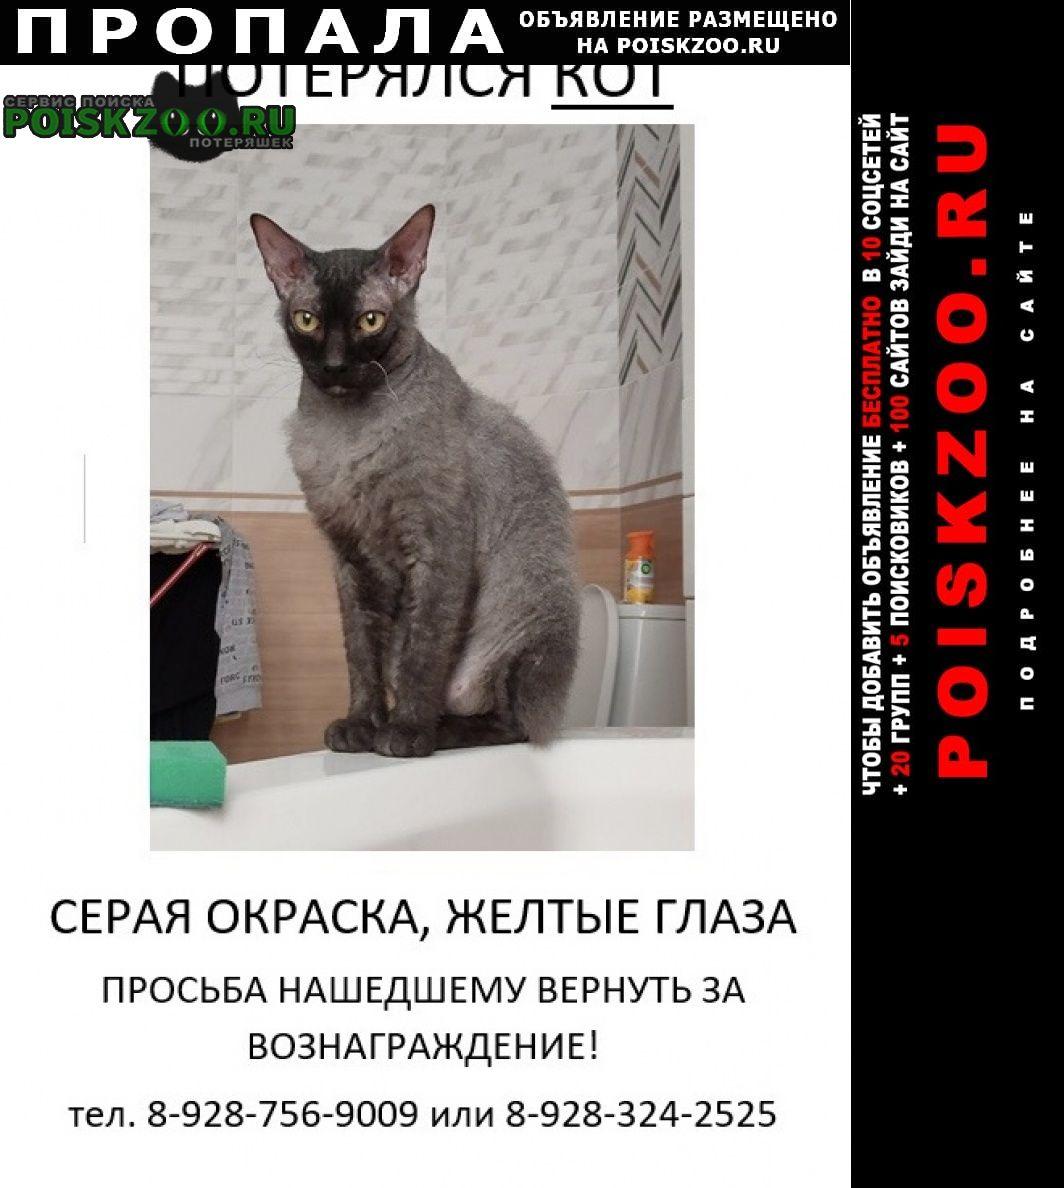 Ставрополь Пропал кот район чапаевки